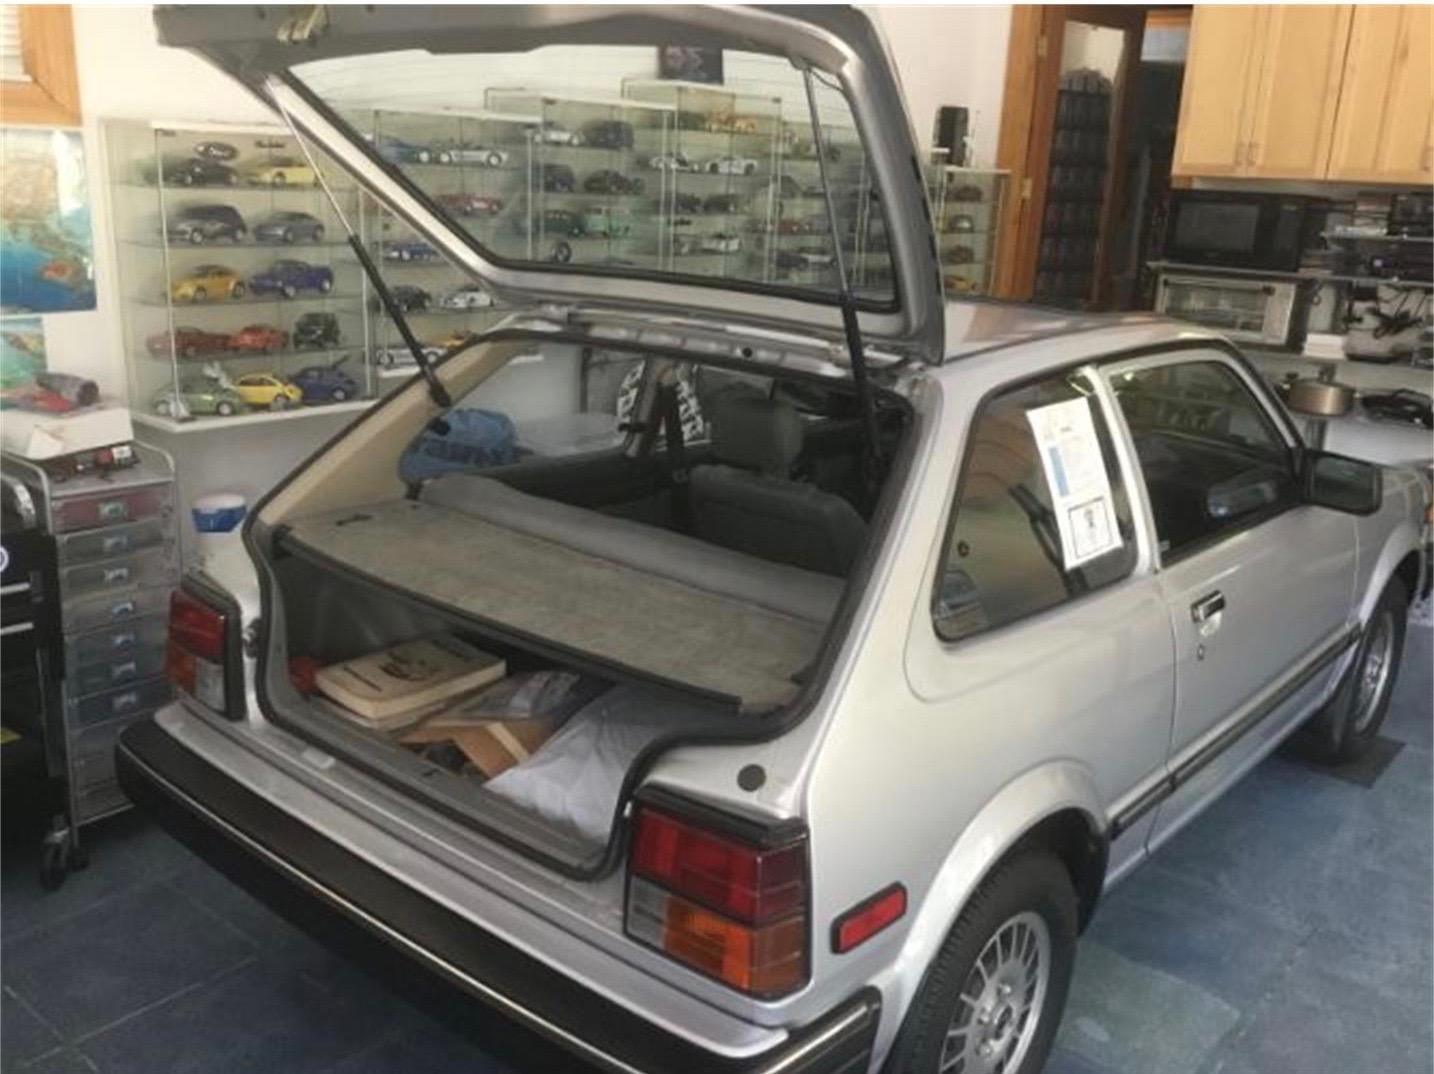 Kelebihan Kekurangan Honda Civic 1982 Perbandingan Harga